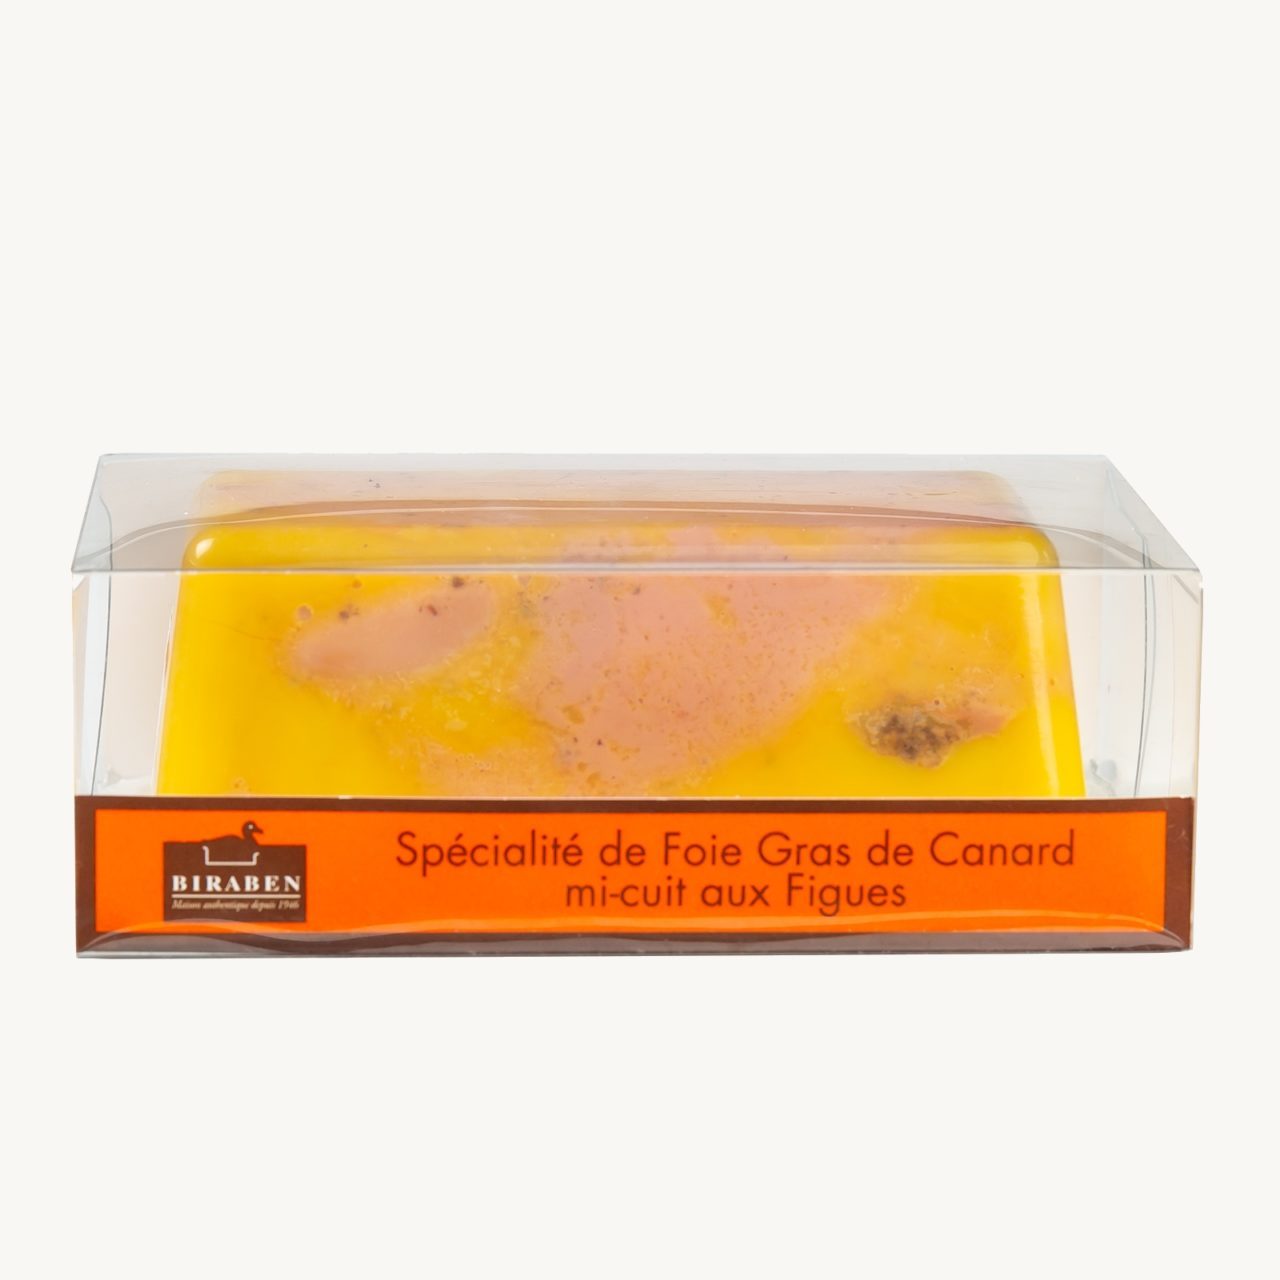 Spécialité de foie gras de canard mi-cuit aux figues